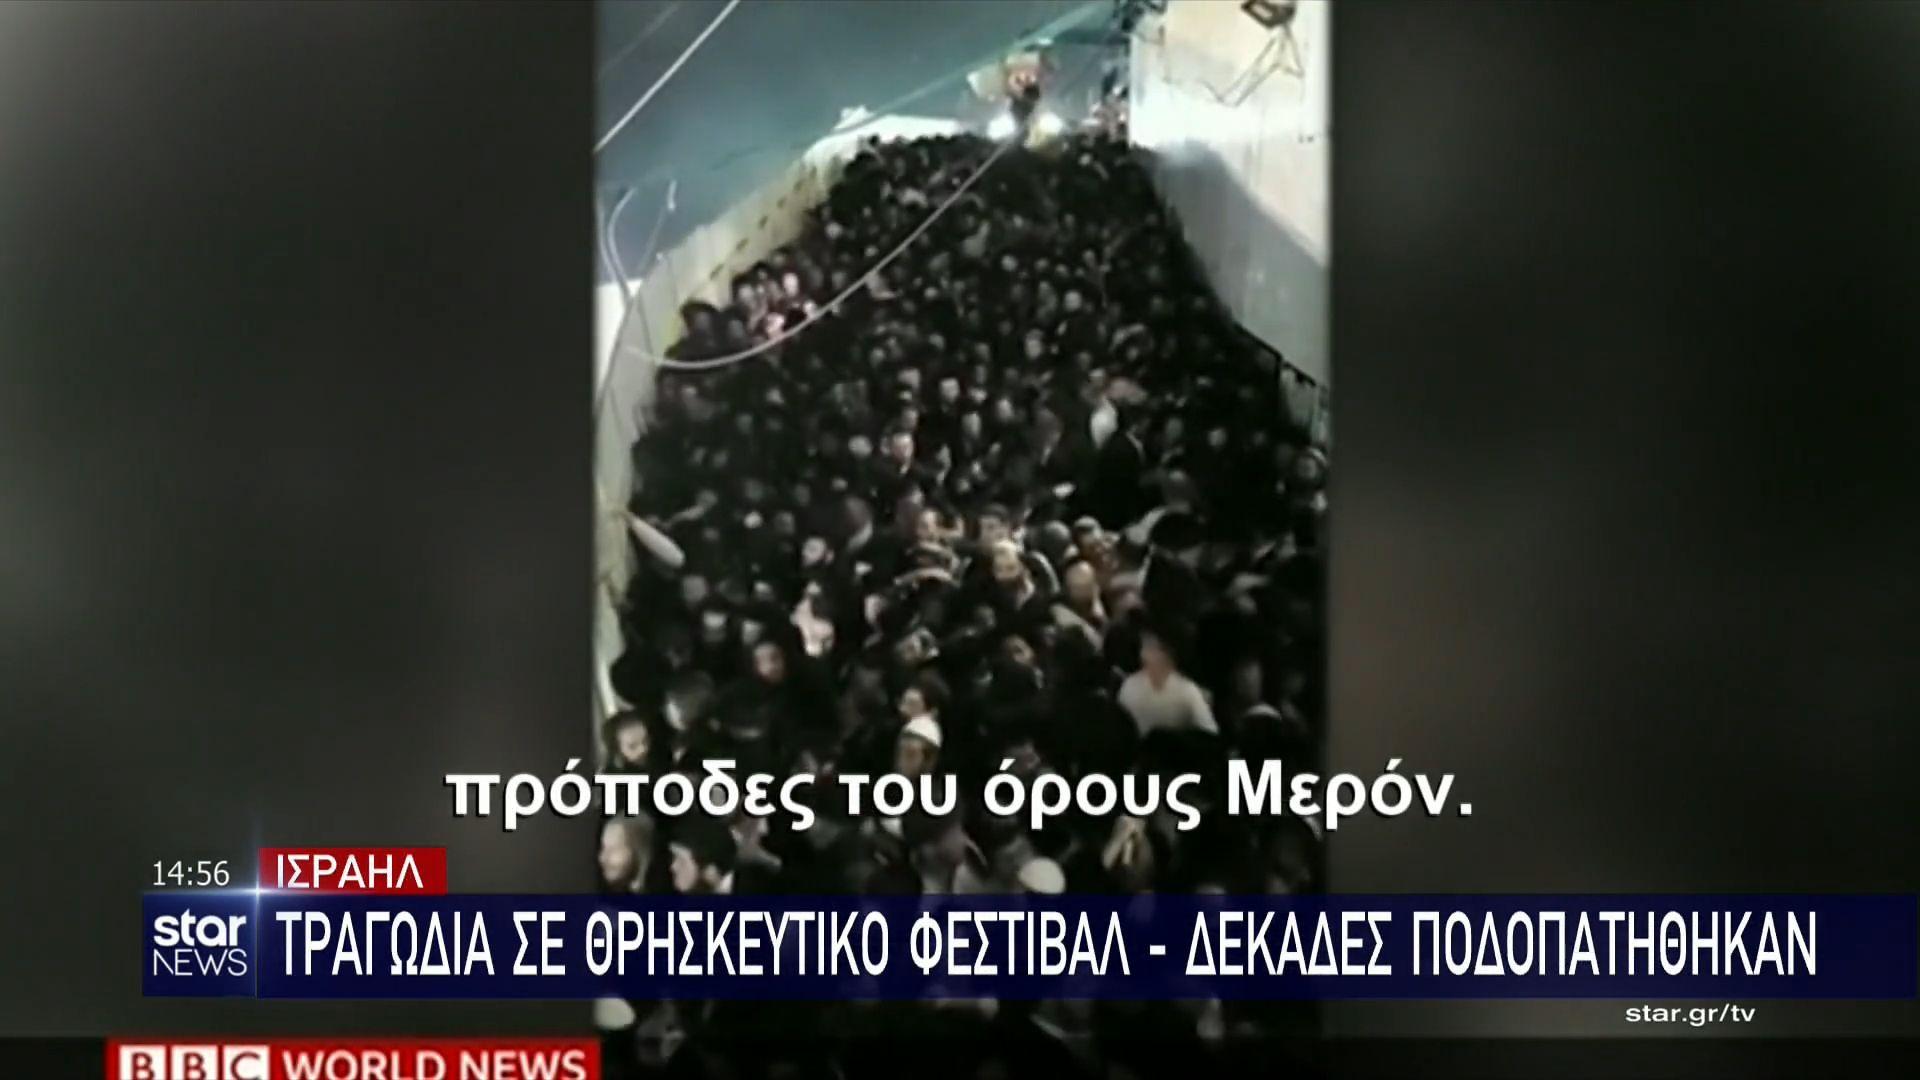 Ισραήλ: Τραγωδία σε θρησκευτικό φεστιβάλ – Δεκάδες ποδοπατήθηκαν (video)